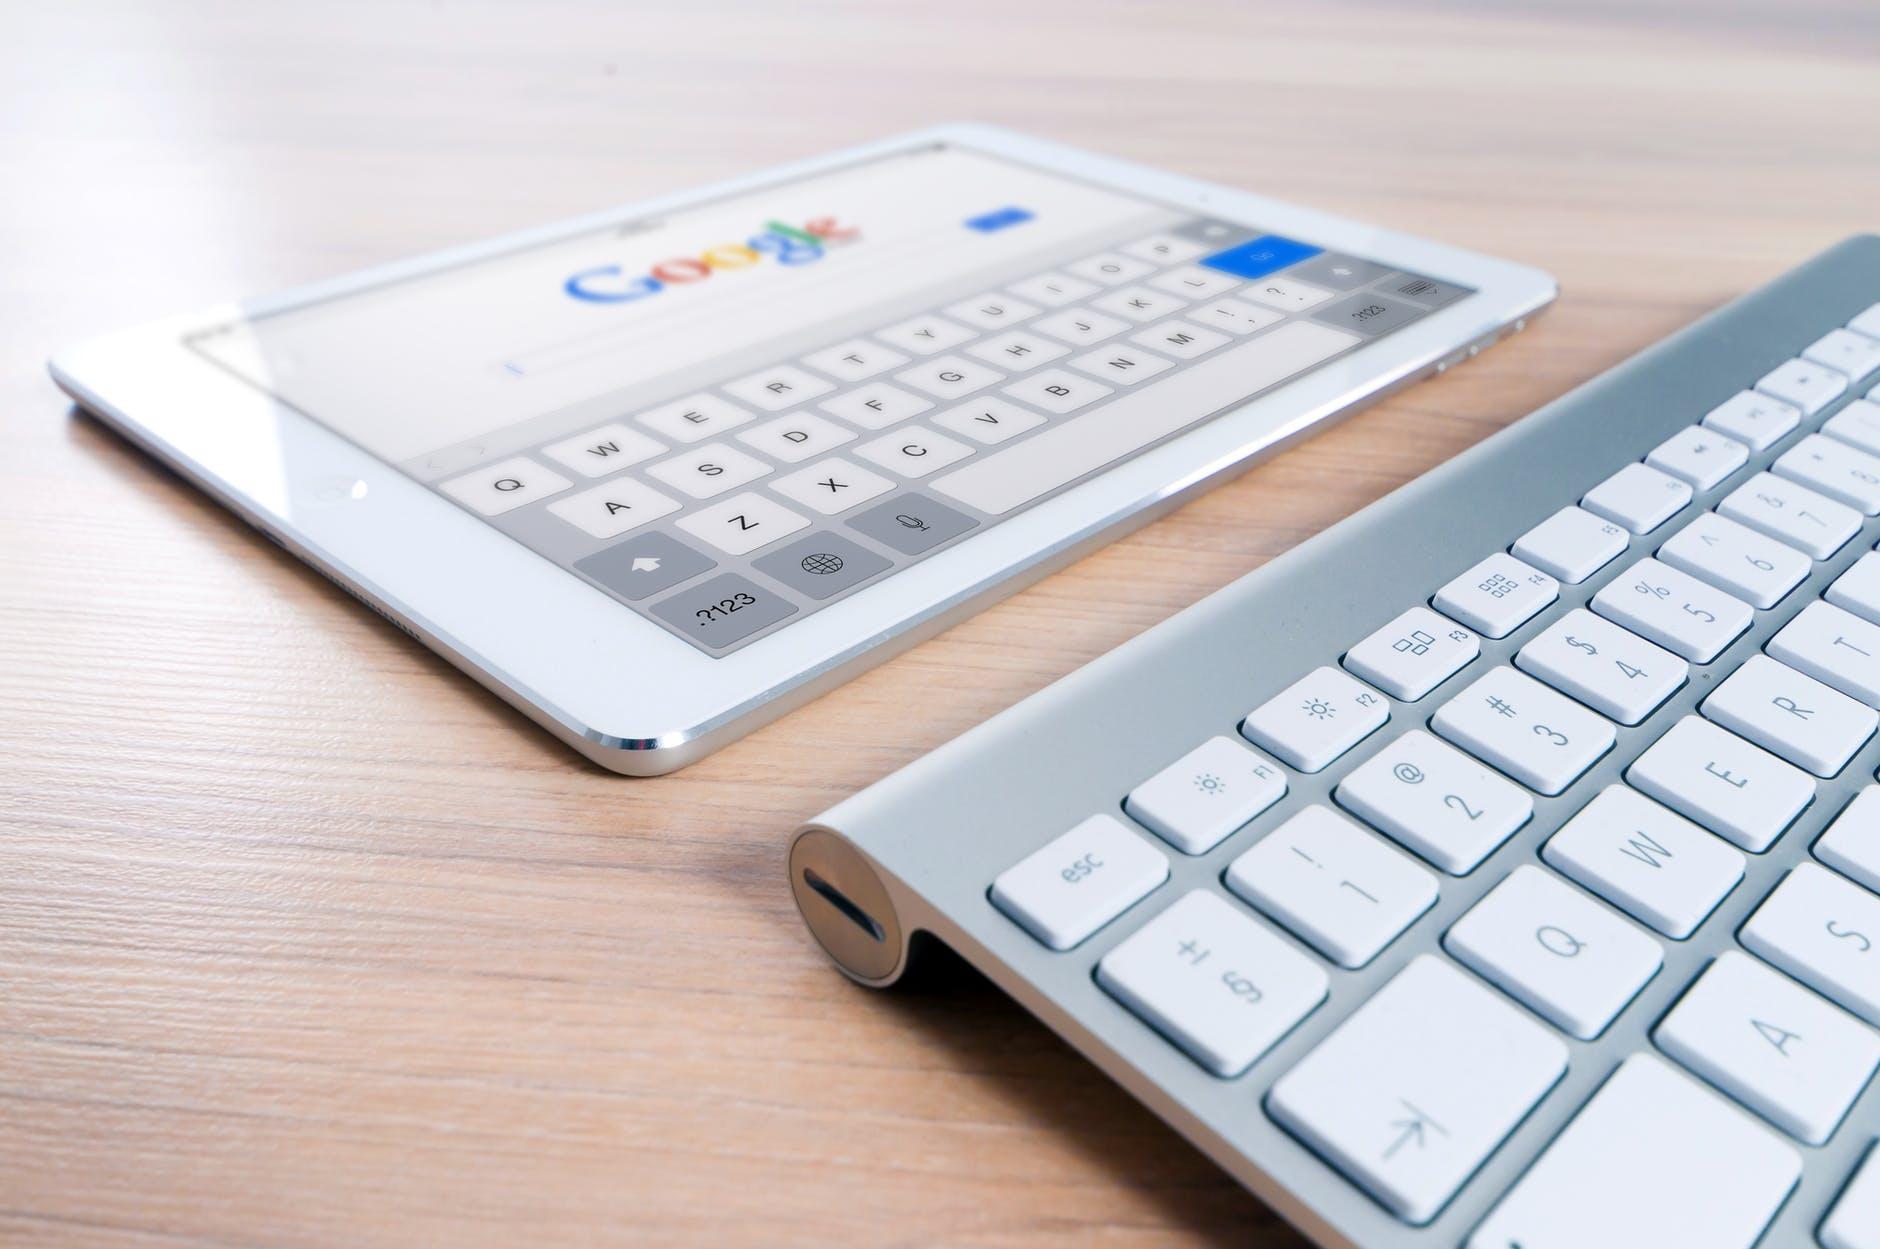 今年最適合工作的十個IT公司,NVIDIA和谷歌誰是第一?